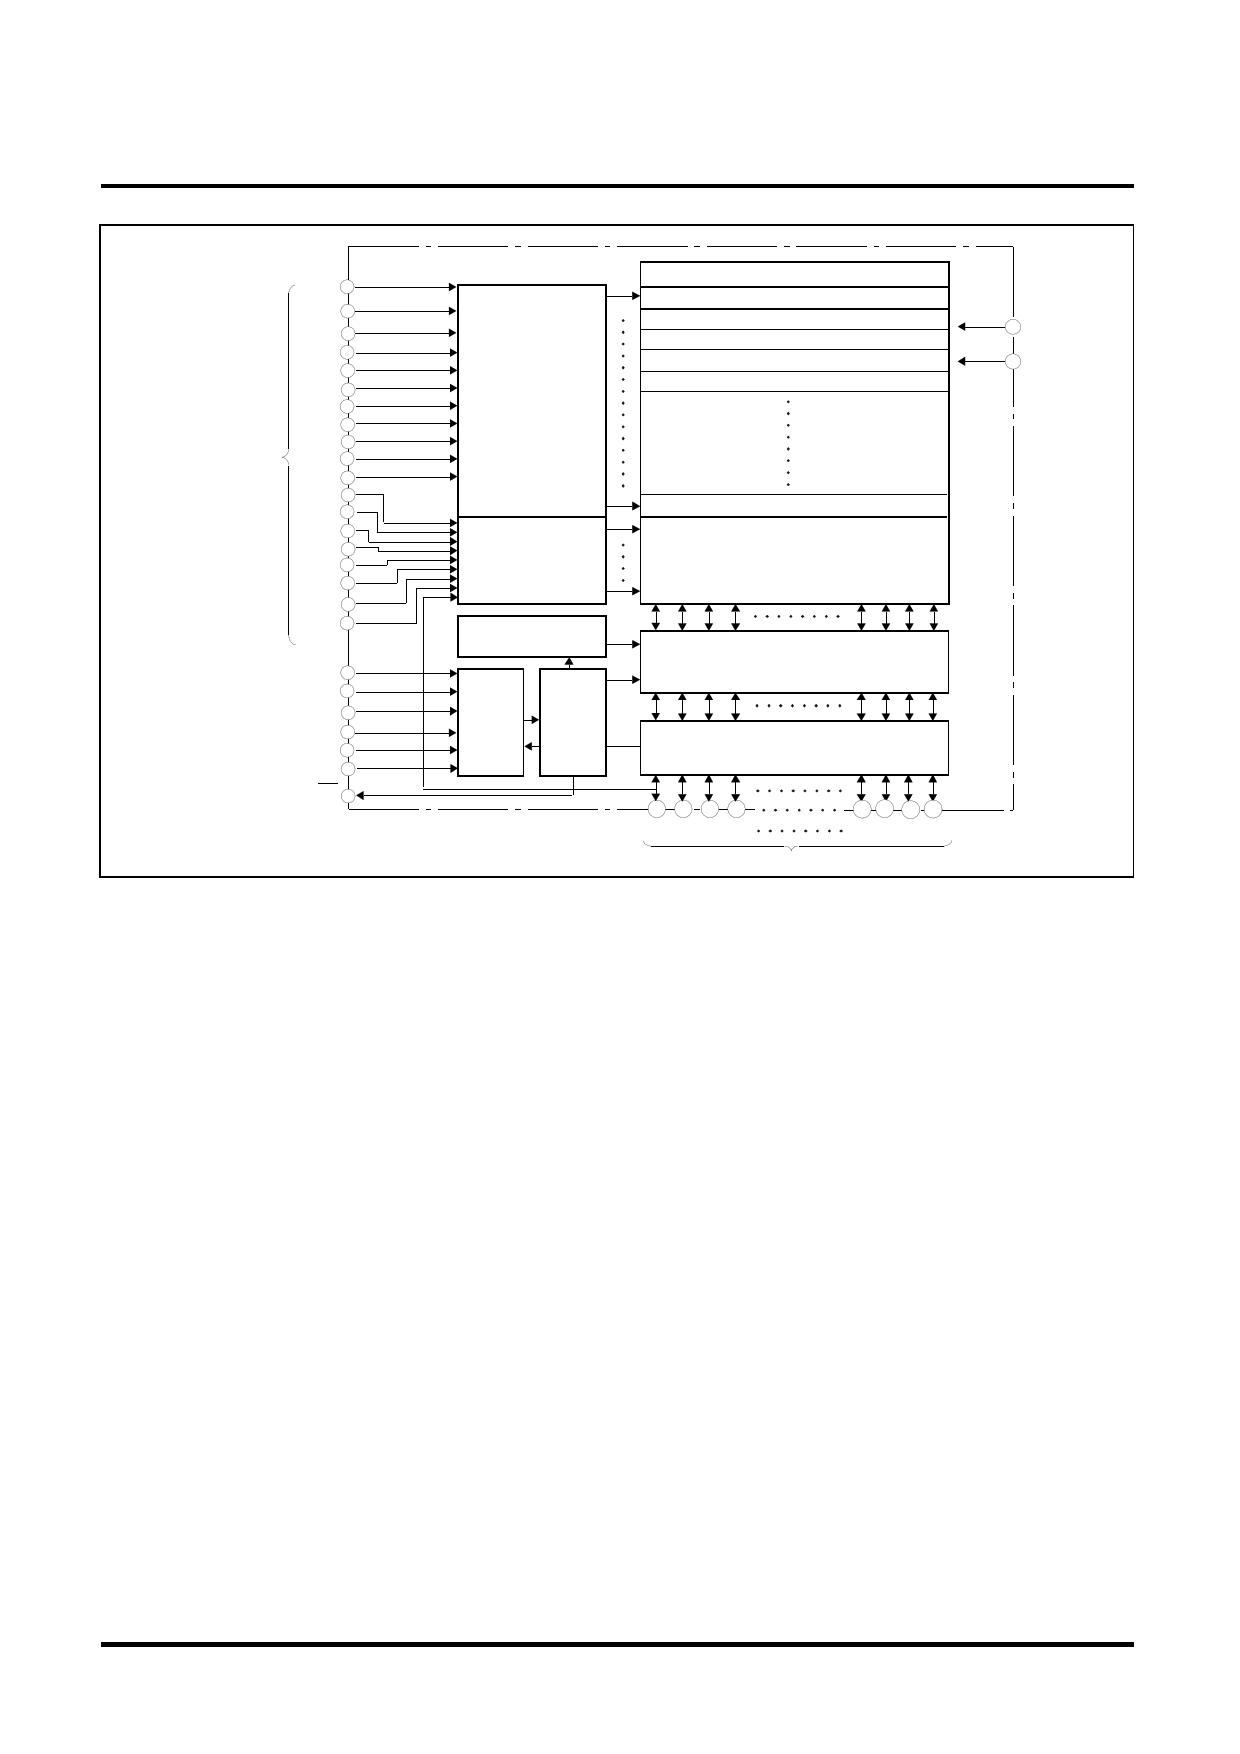 M5M29FB800VP-10 pdf, equivalent, schematic